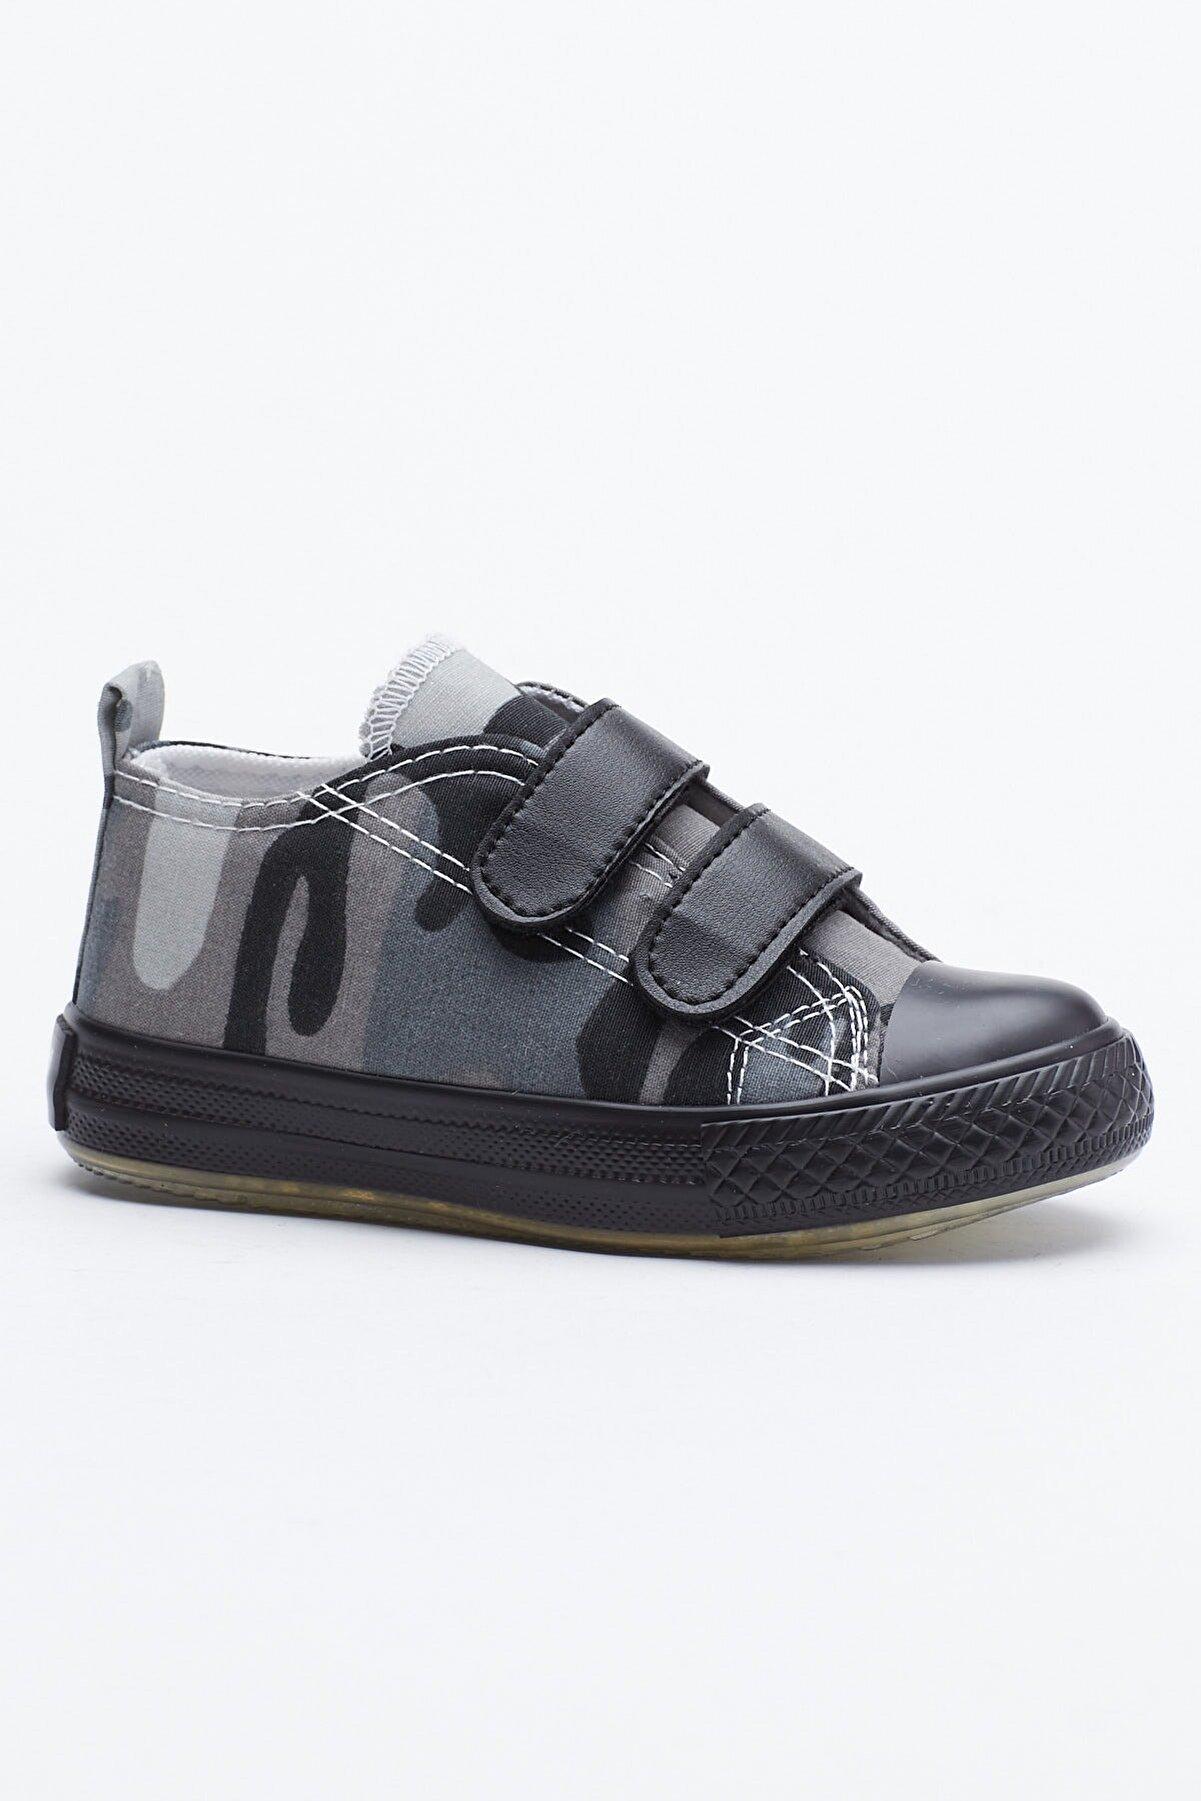 Tonny Black Siyah Yeşil Çocuk Spor Ayakkabı Cırtlı Tb997